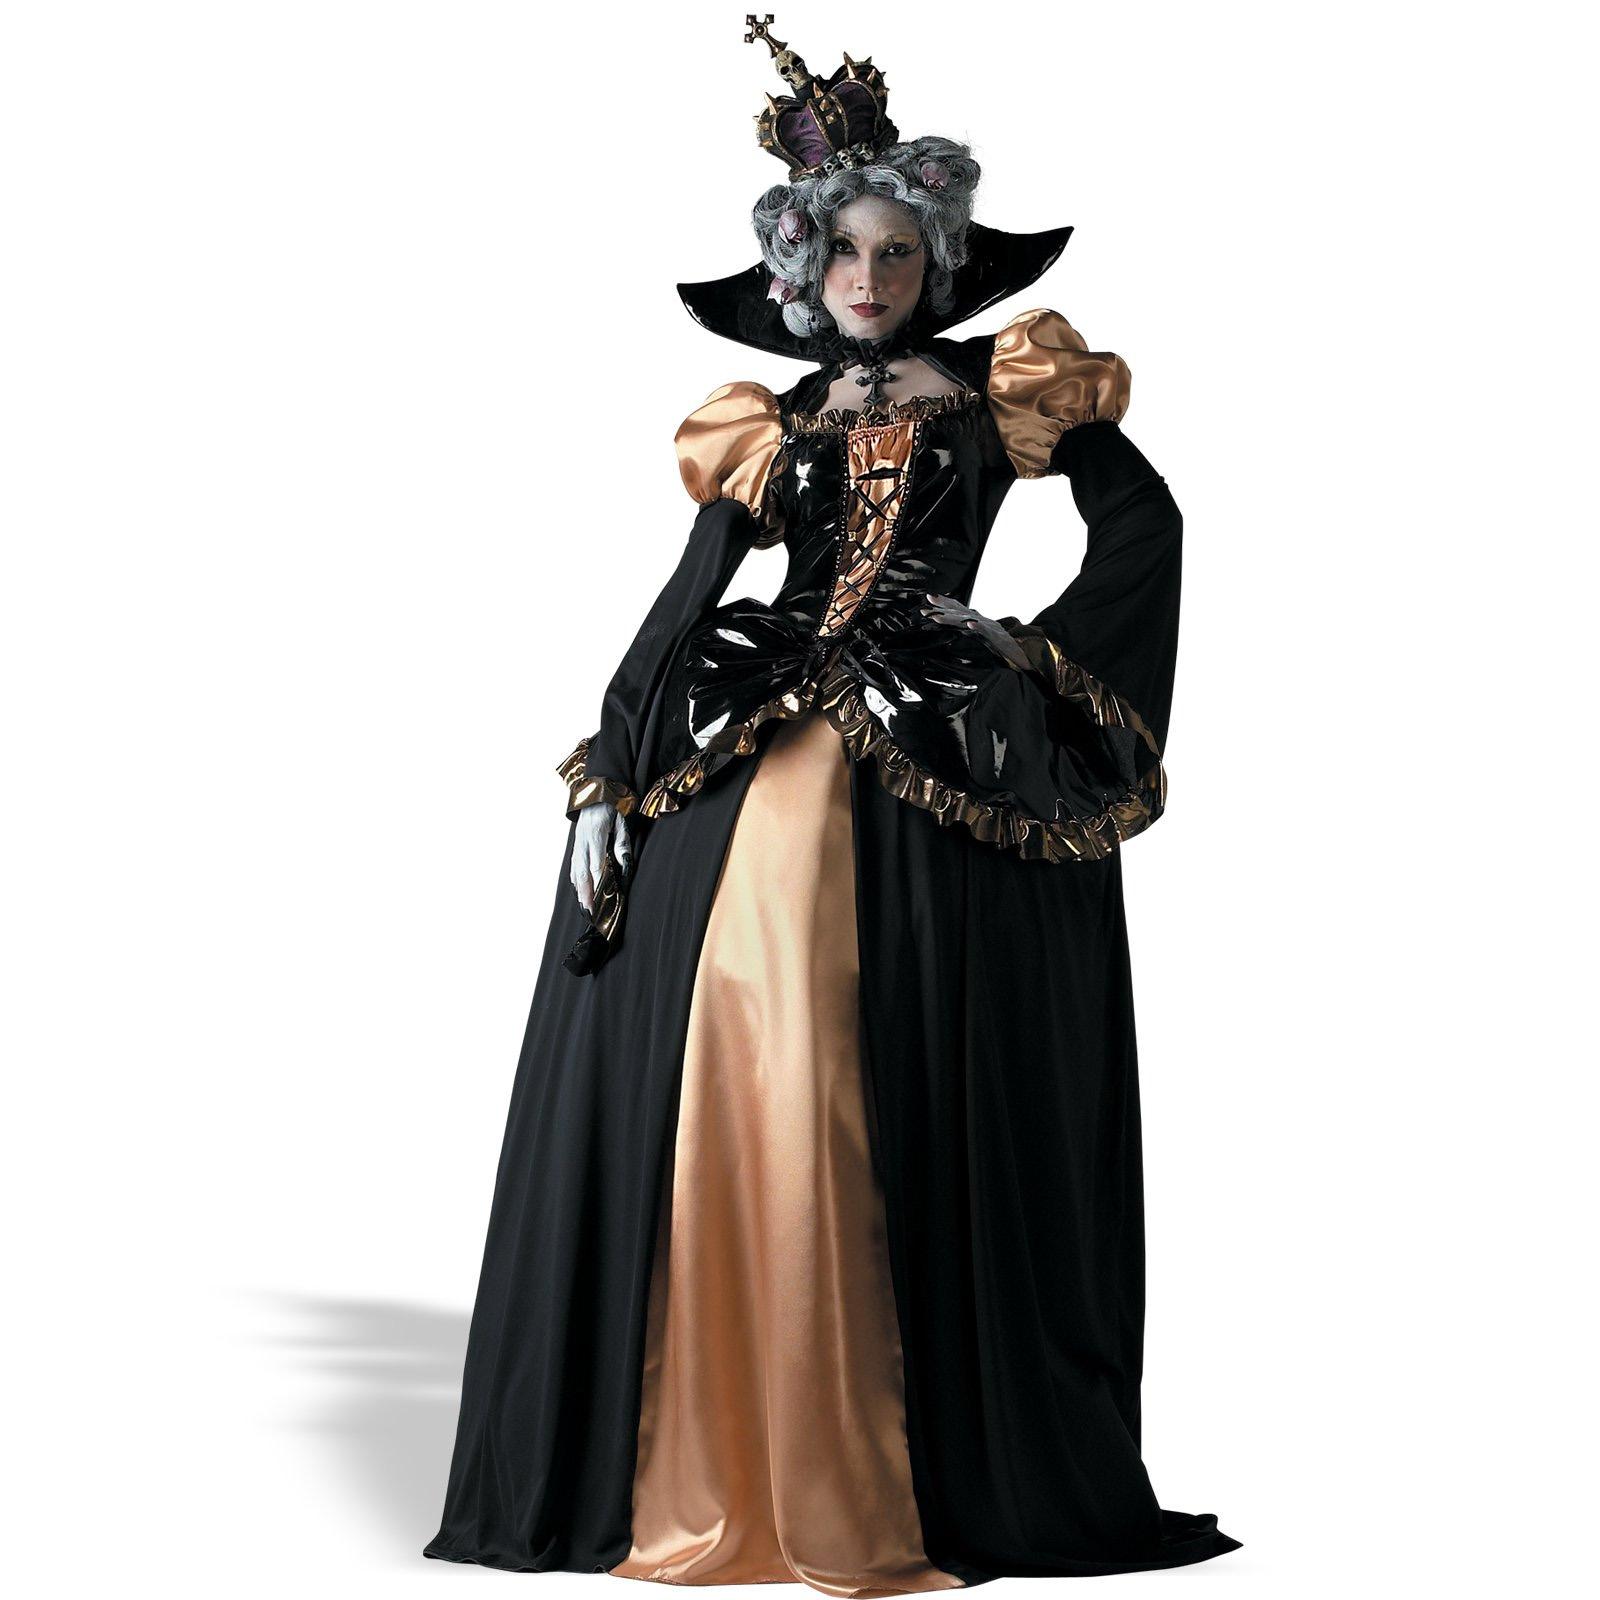 evil queen costume - HD1600×1600